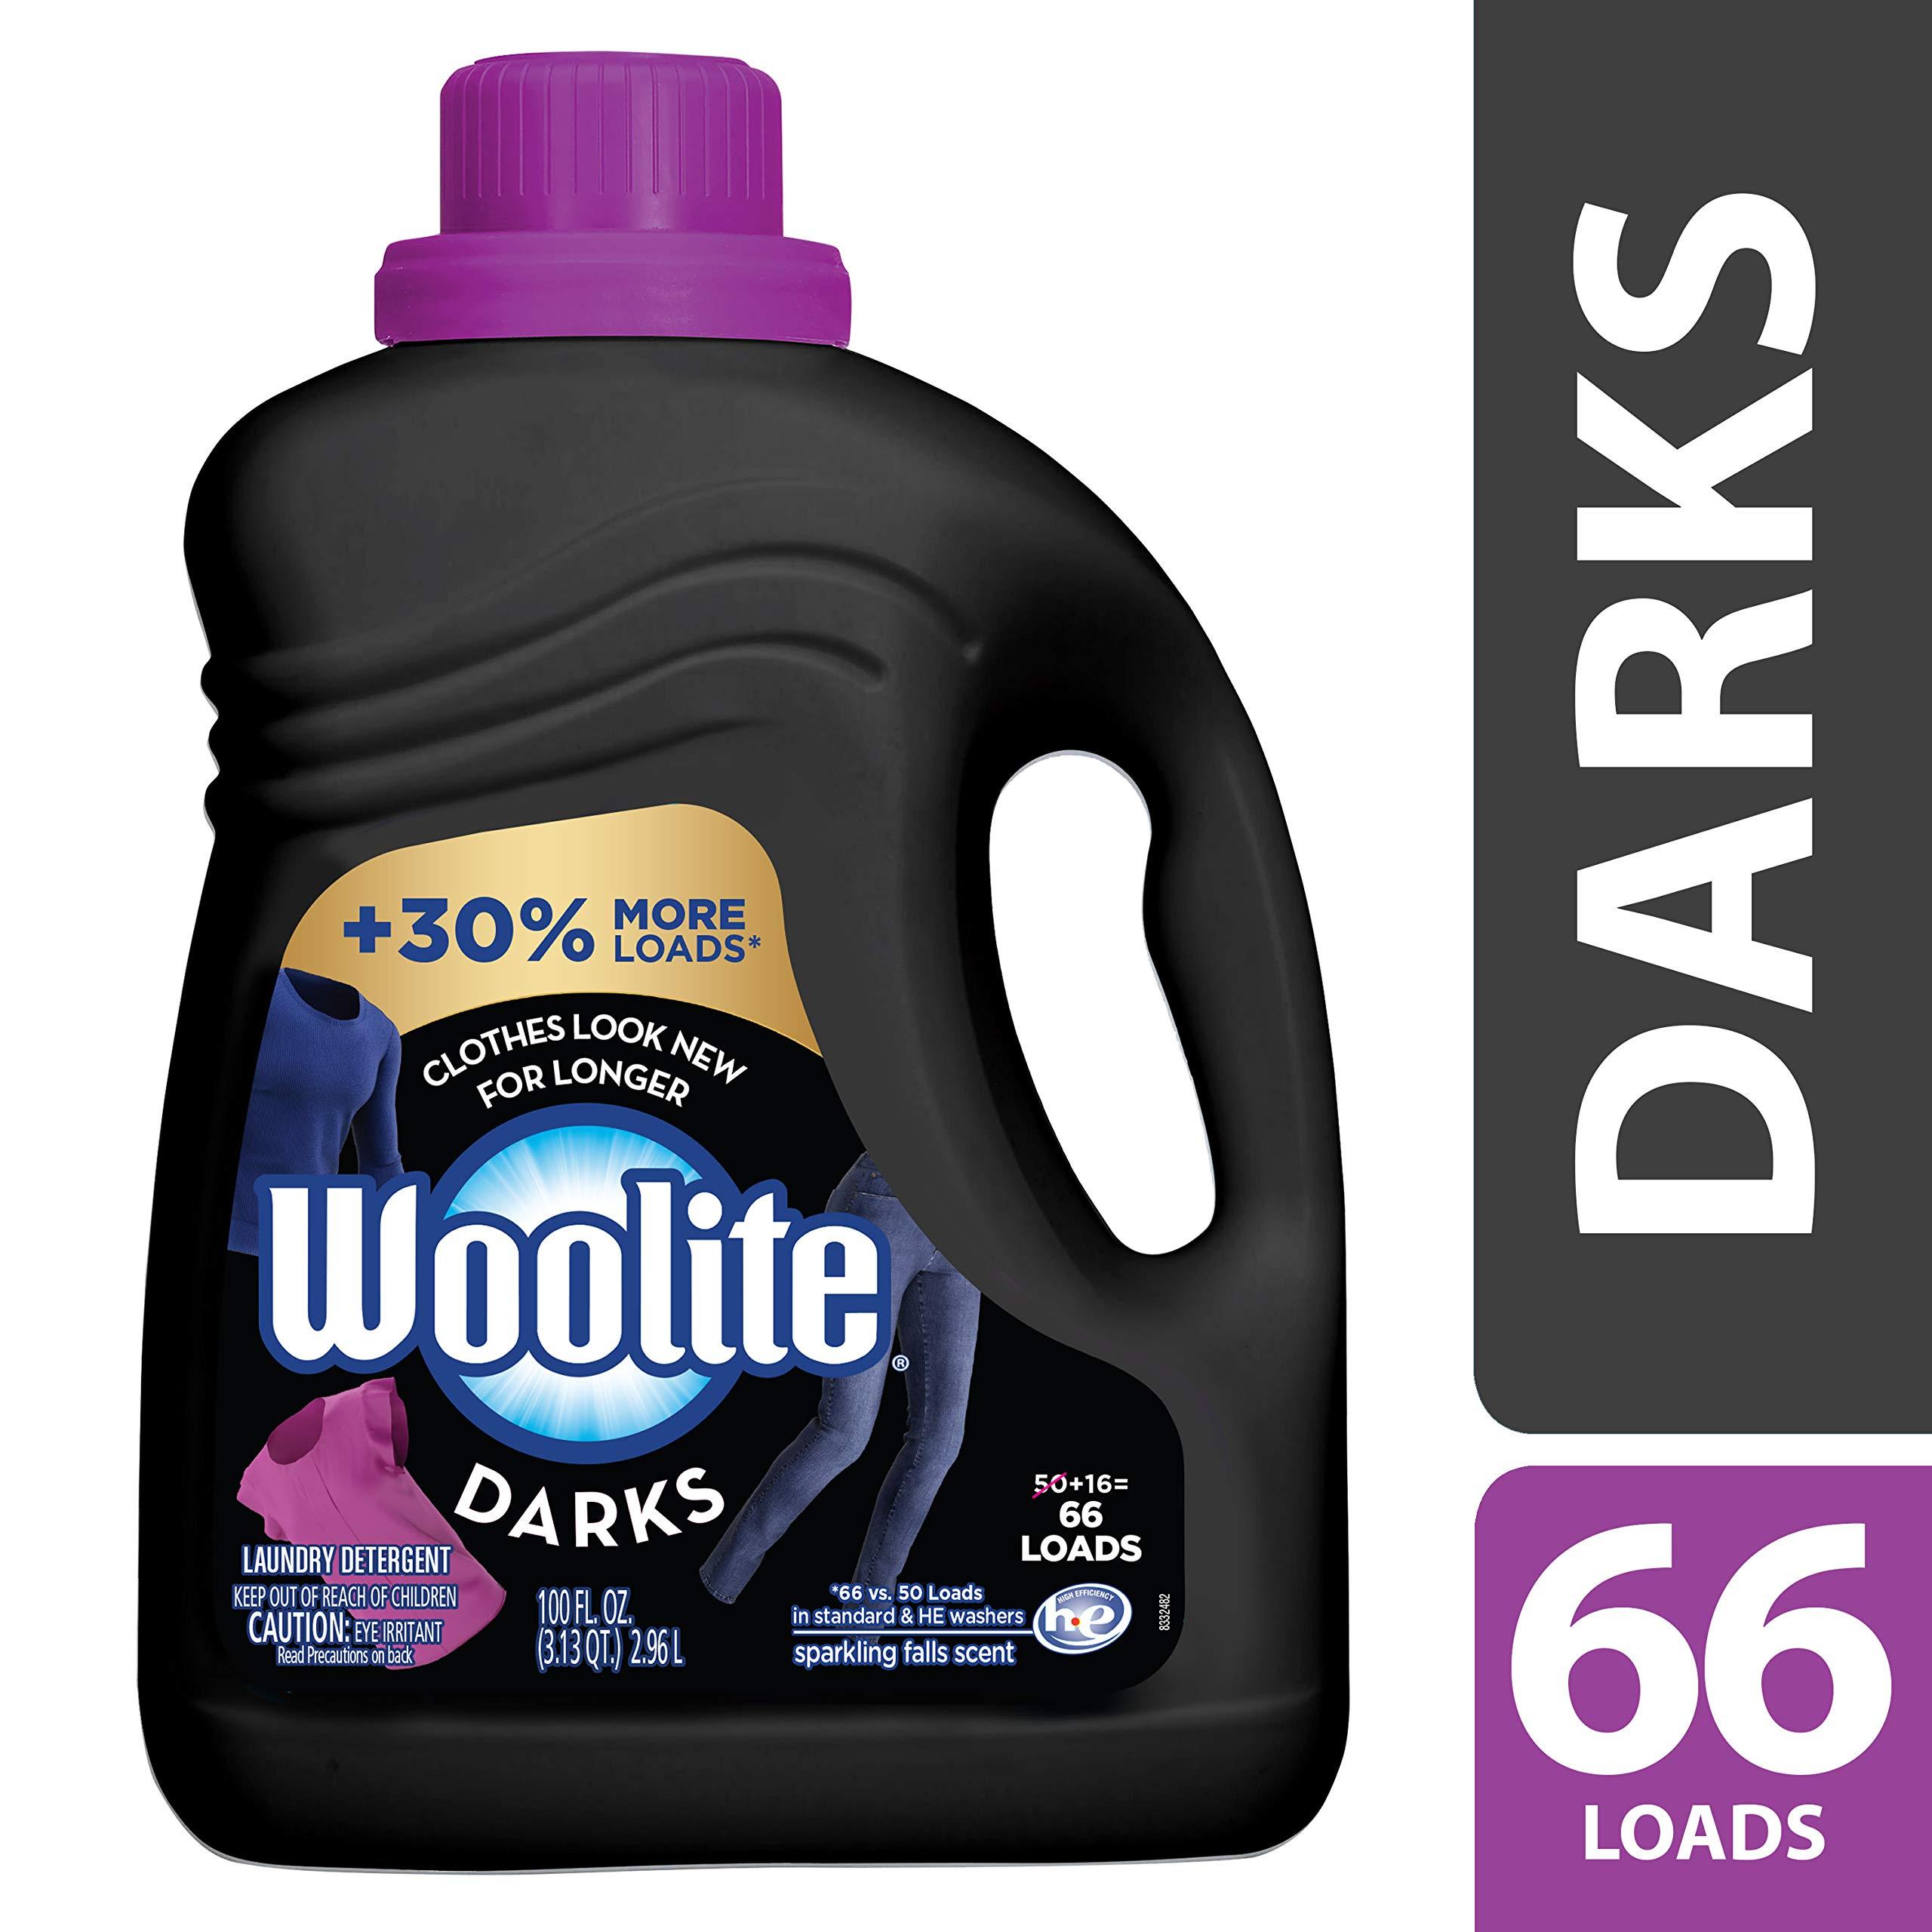 Woolite DARKS Liquid Laundry Detergent, 66 Loads, Regular & HE Washers, Dark & Black Clothes & Jeans